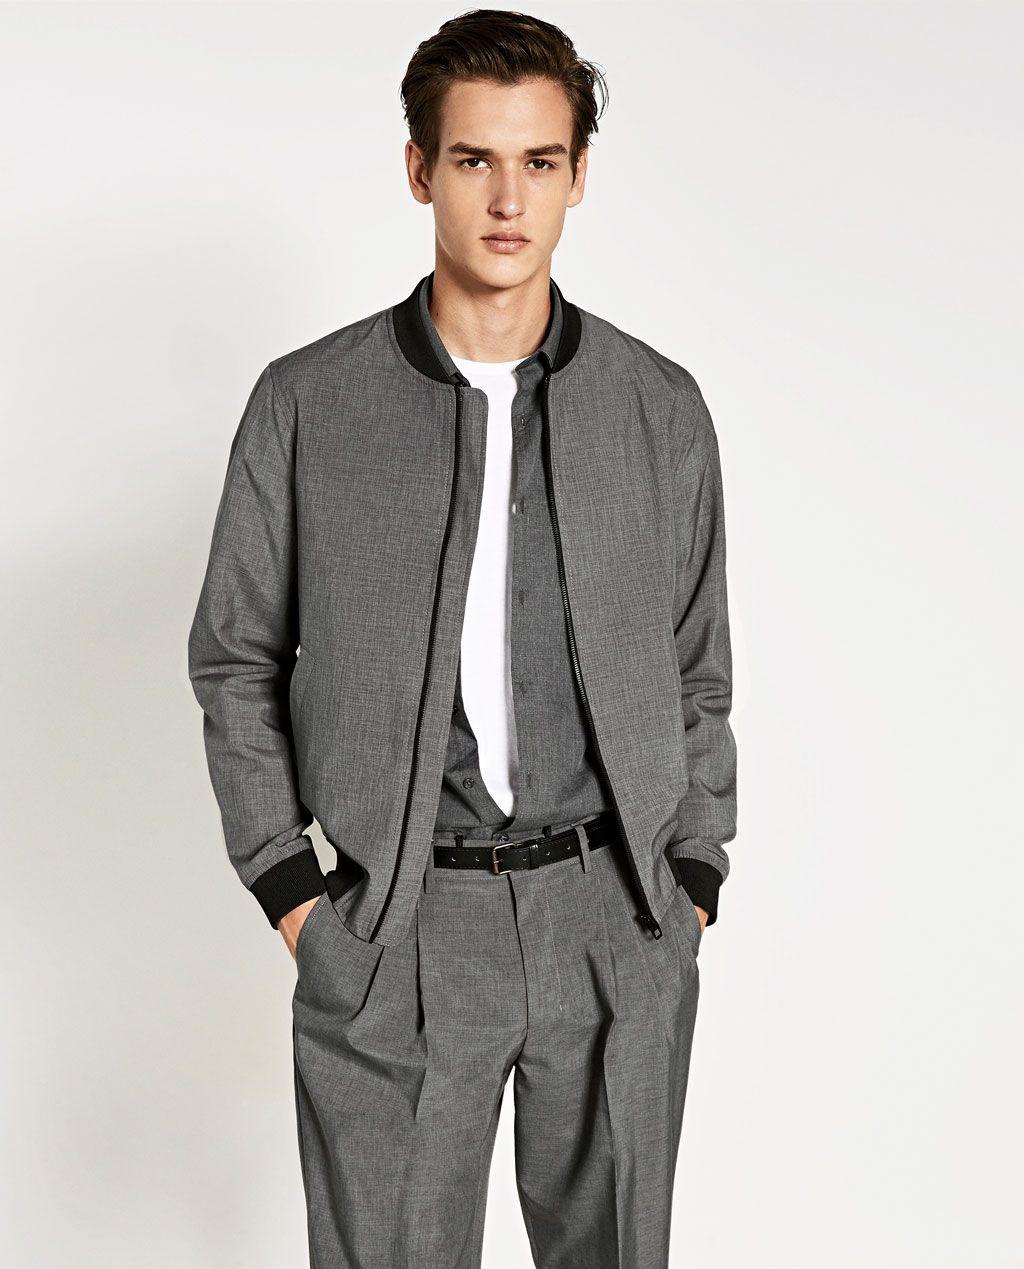 Moncler Mens Vests Zara Tumblr For Sale Moncleronline